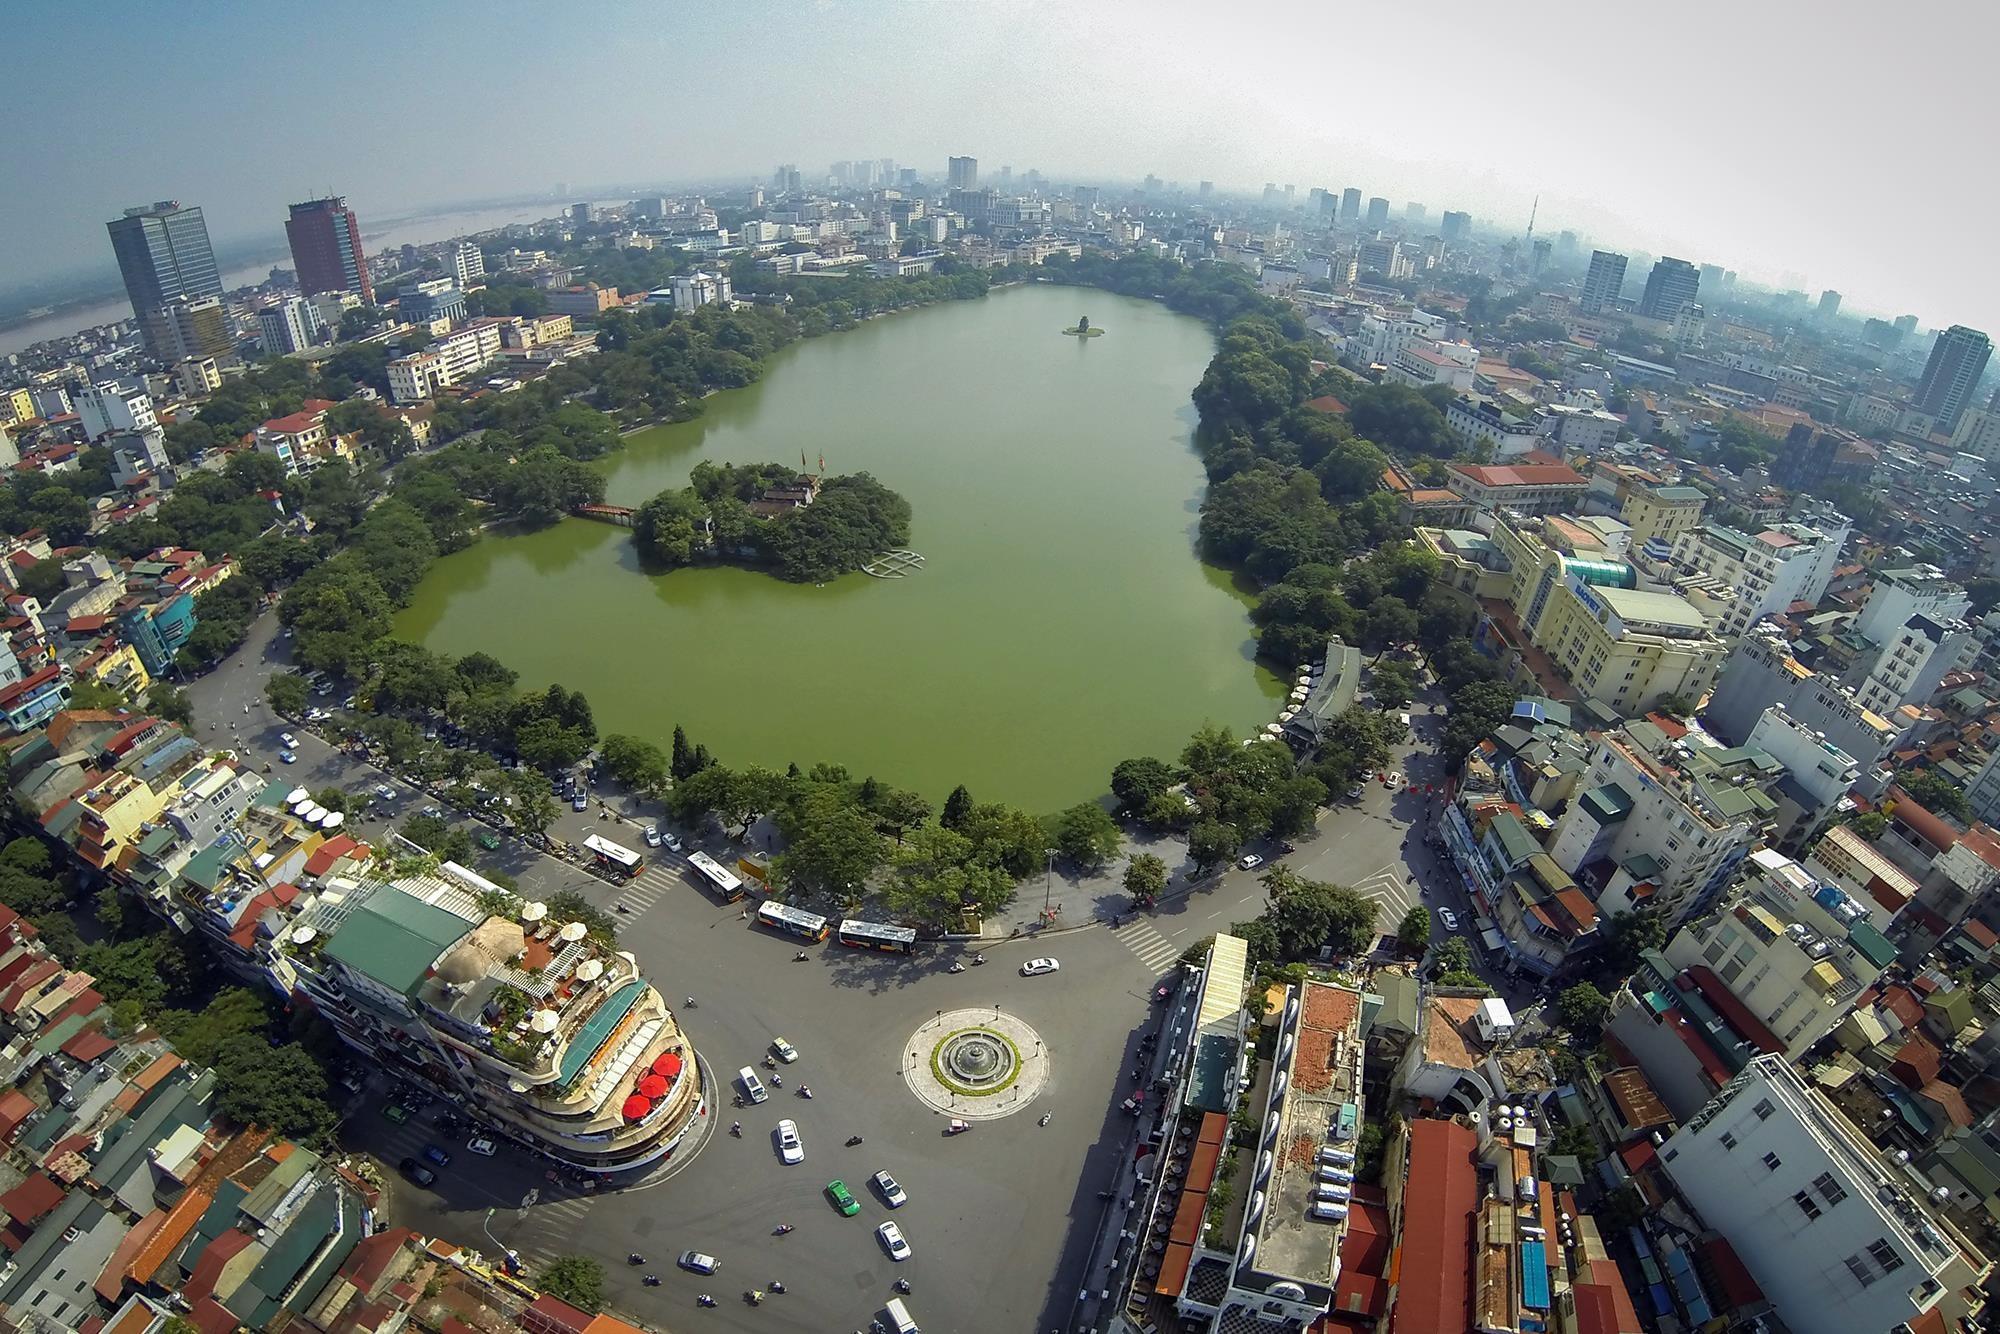 Ha Noi len 2 kich ban tang truong kinh te giai doan 2021-2025 anh 1